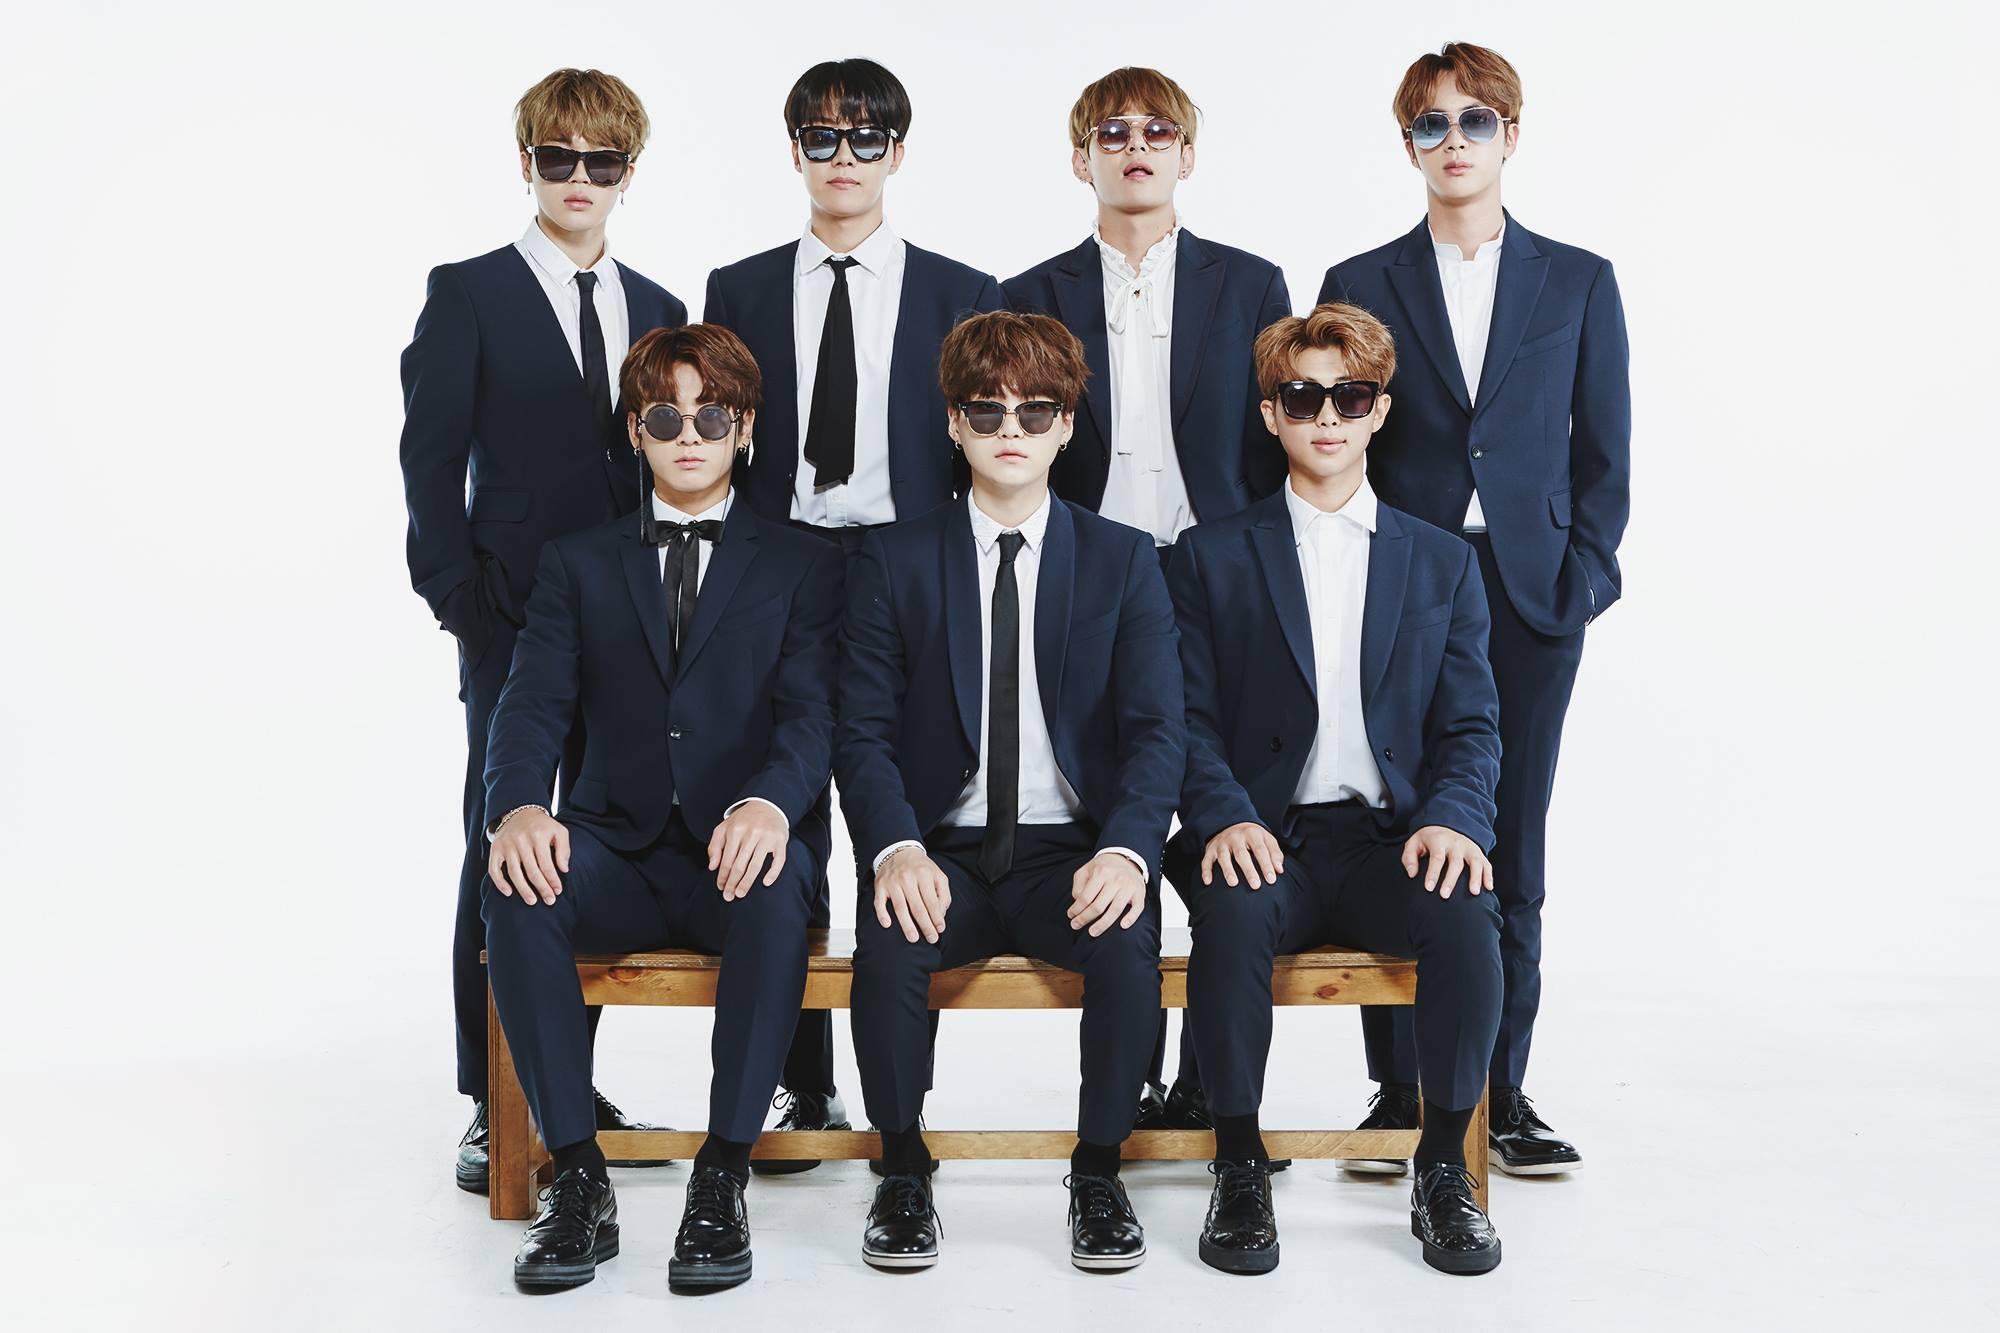 Les bts d voilent d amusantes photos de famille k gen for Best group pictures